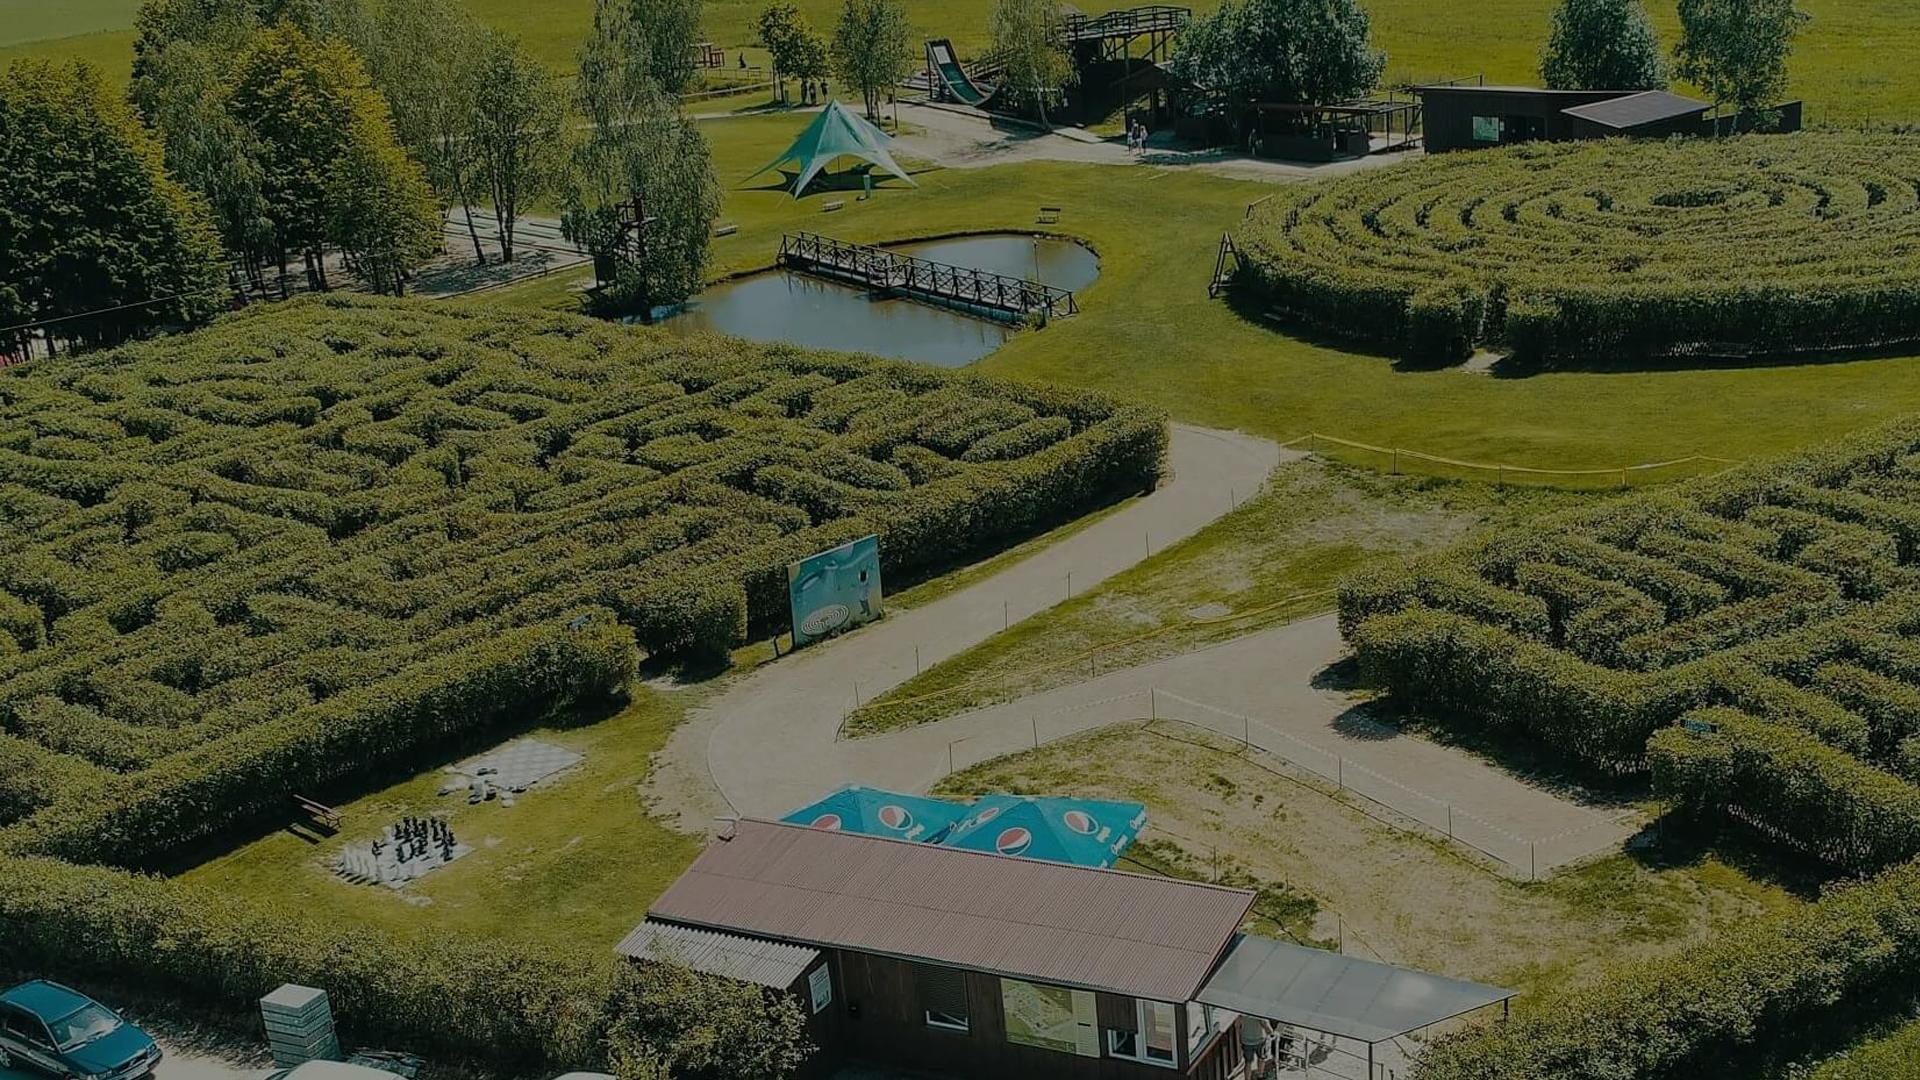 Labirintų parkas